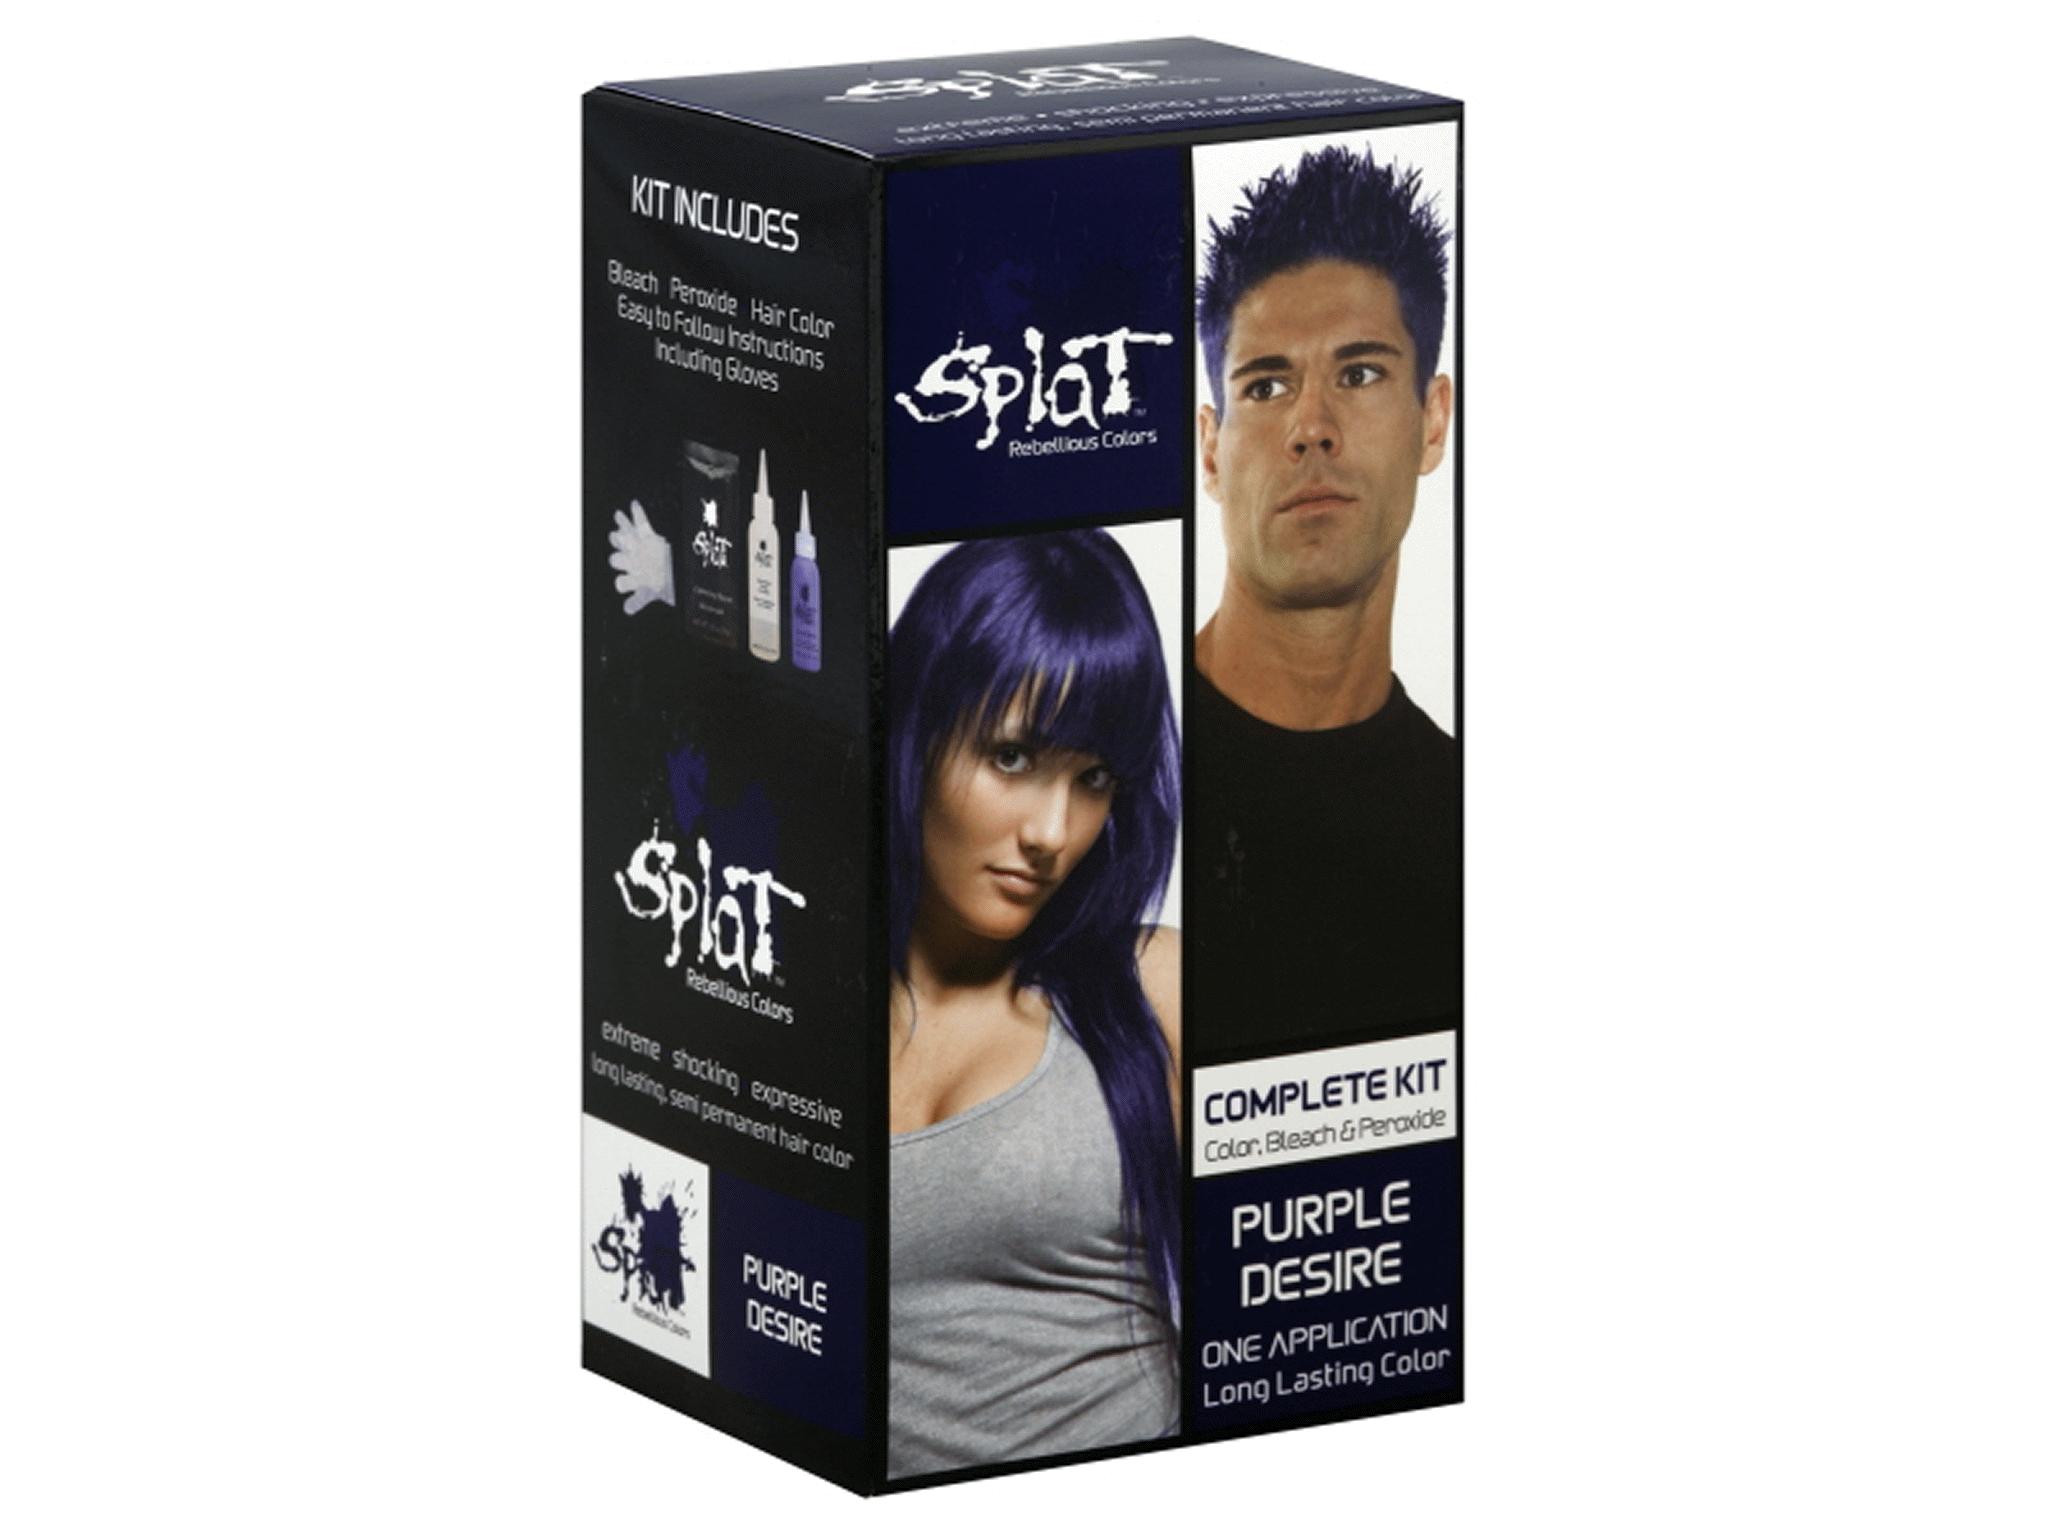 Splat Rebellious Colors Purple Desire Complete Hair Color Kit